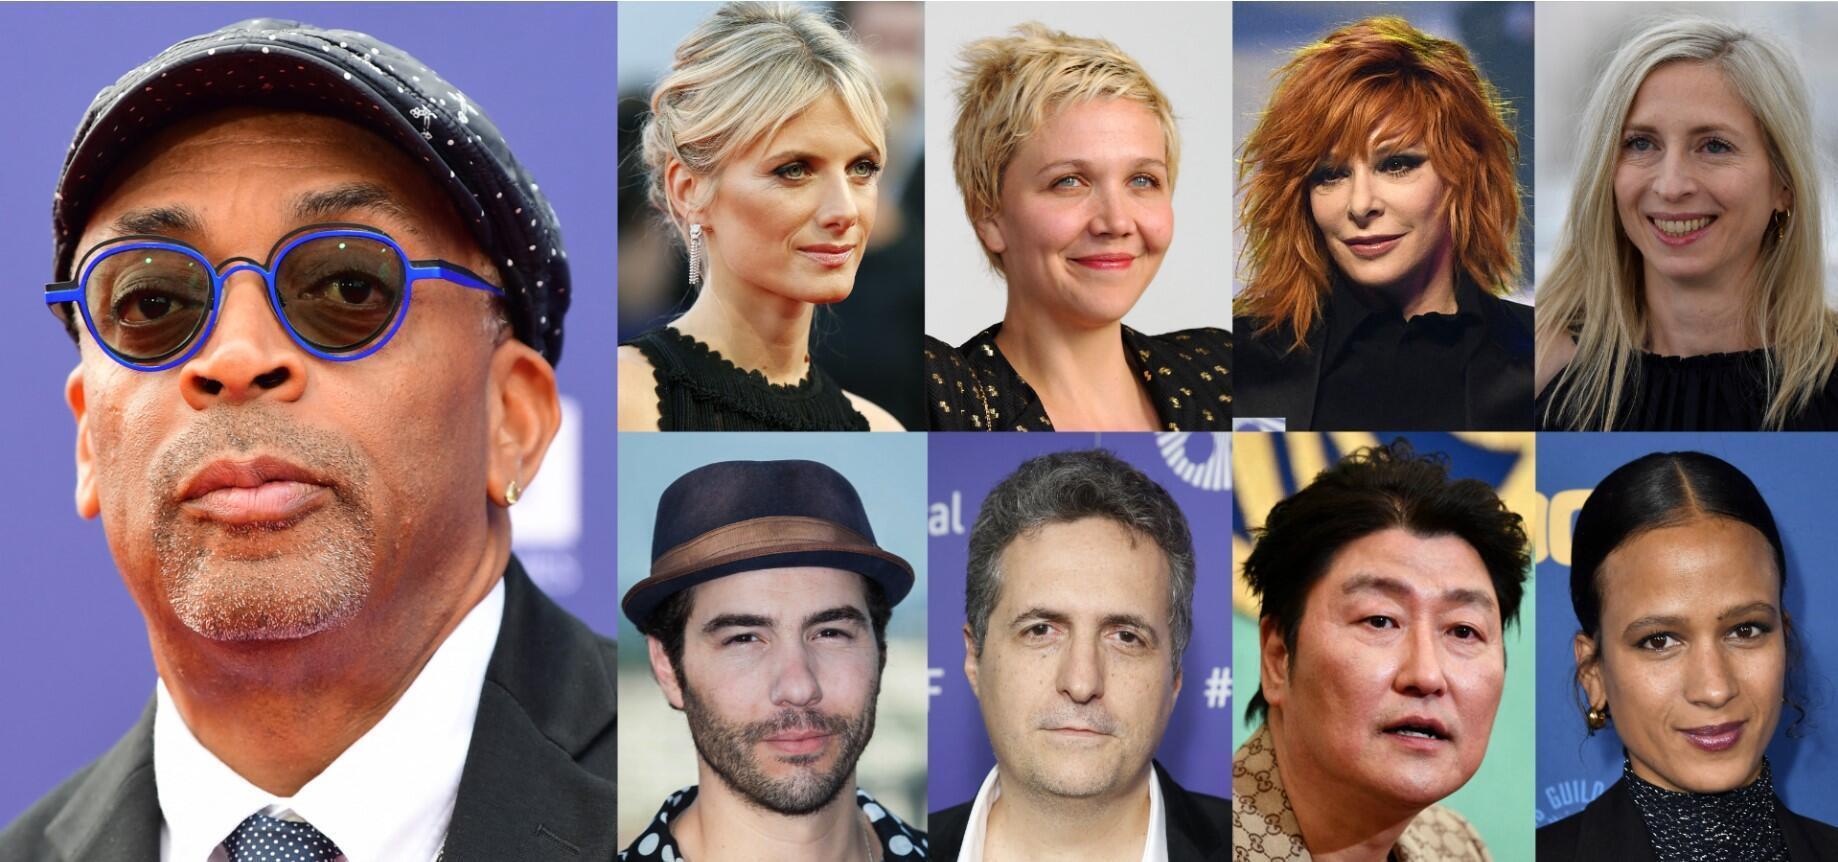 Le jury du Festival de Cannes 2021.  © A.-C. POUJOULAT, Y. BONNET, K. NOGI, C. SIMON, C. TRIBALLEAU, I. SAVENOK, J. BROWN, J. LAMPARSKI, F. HARRISON / AFP